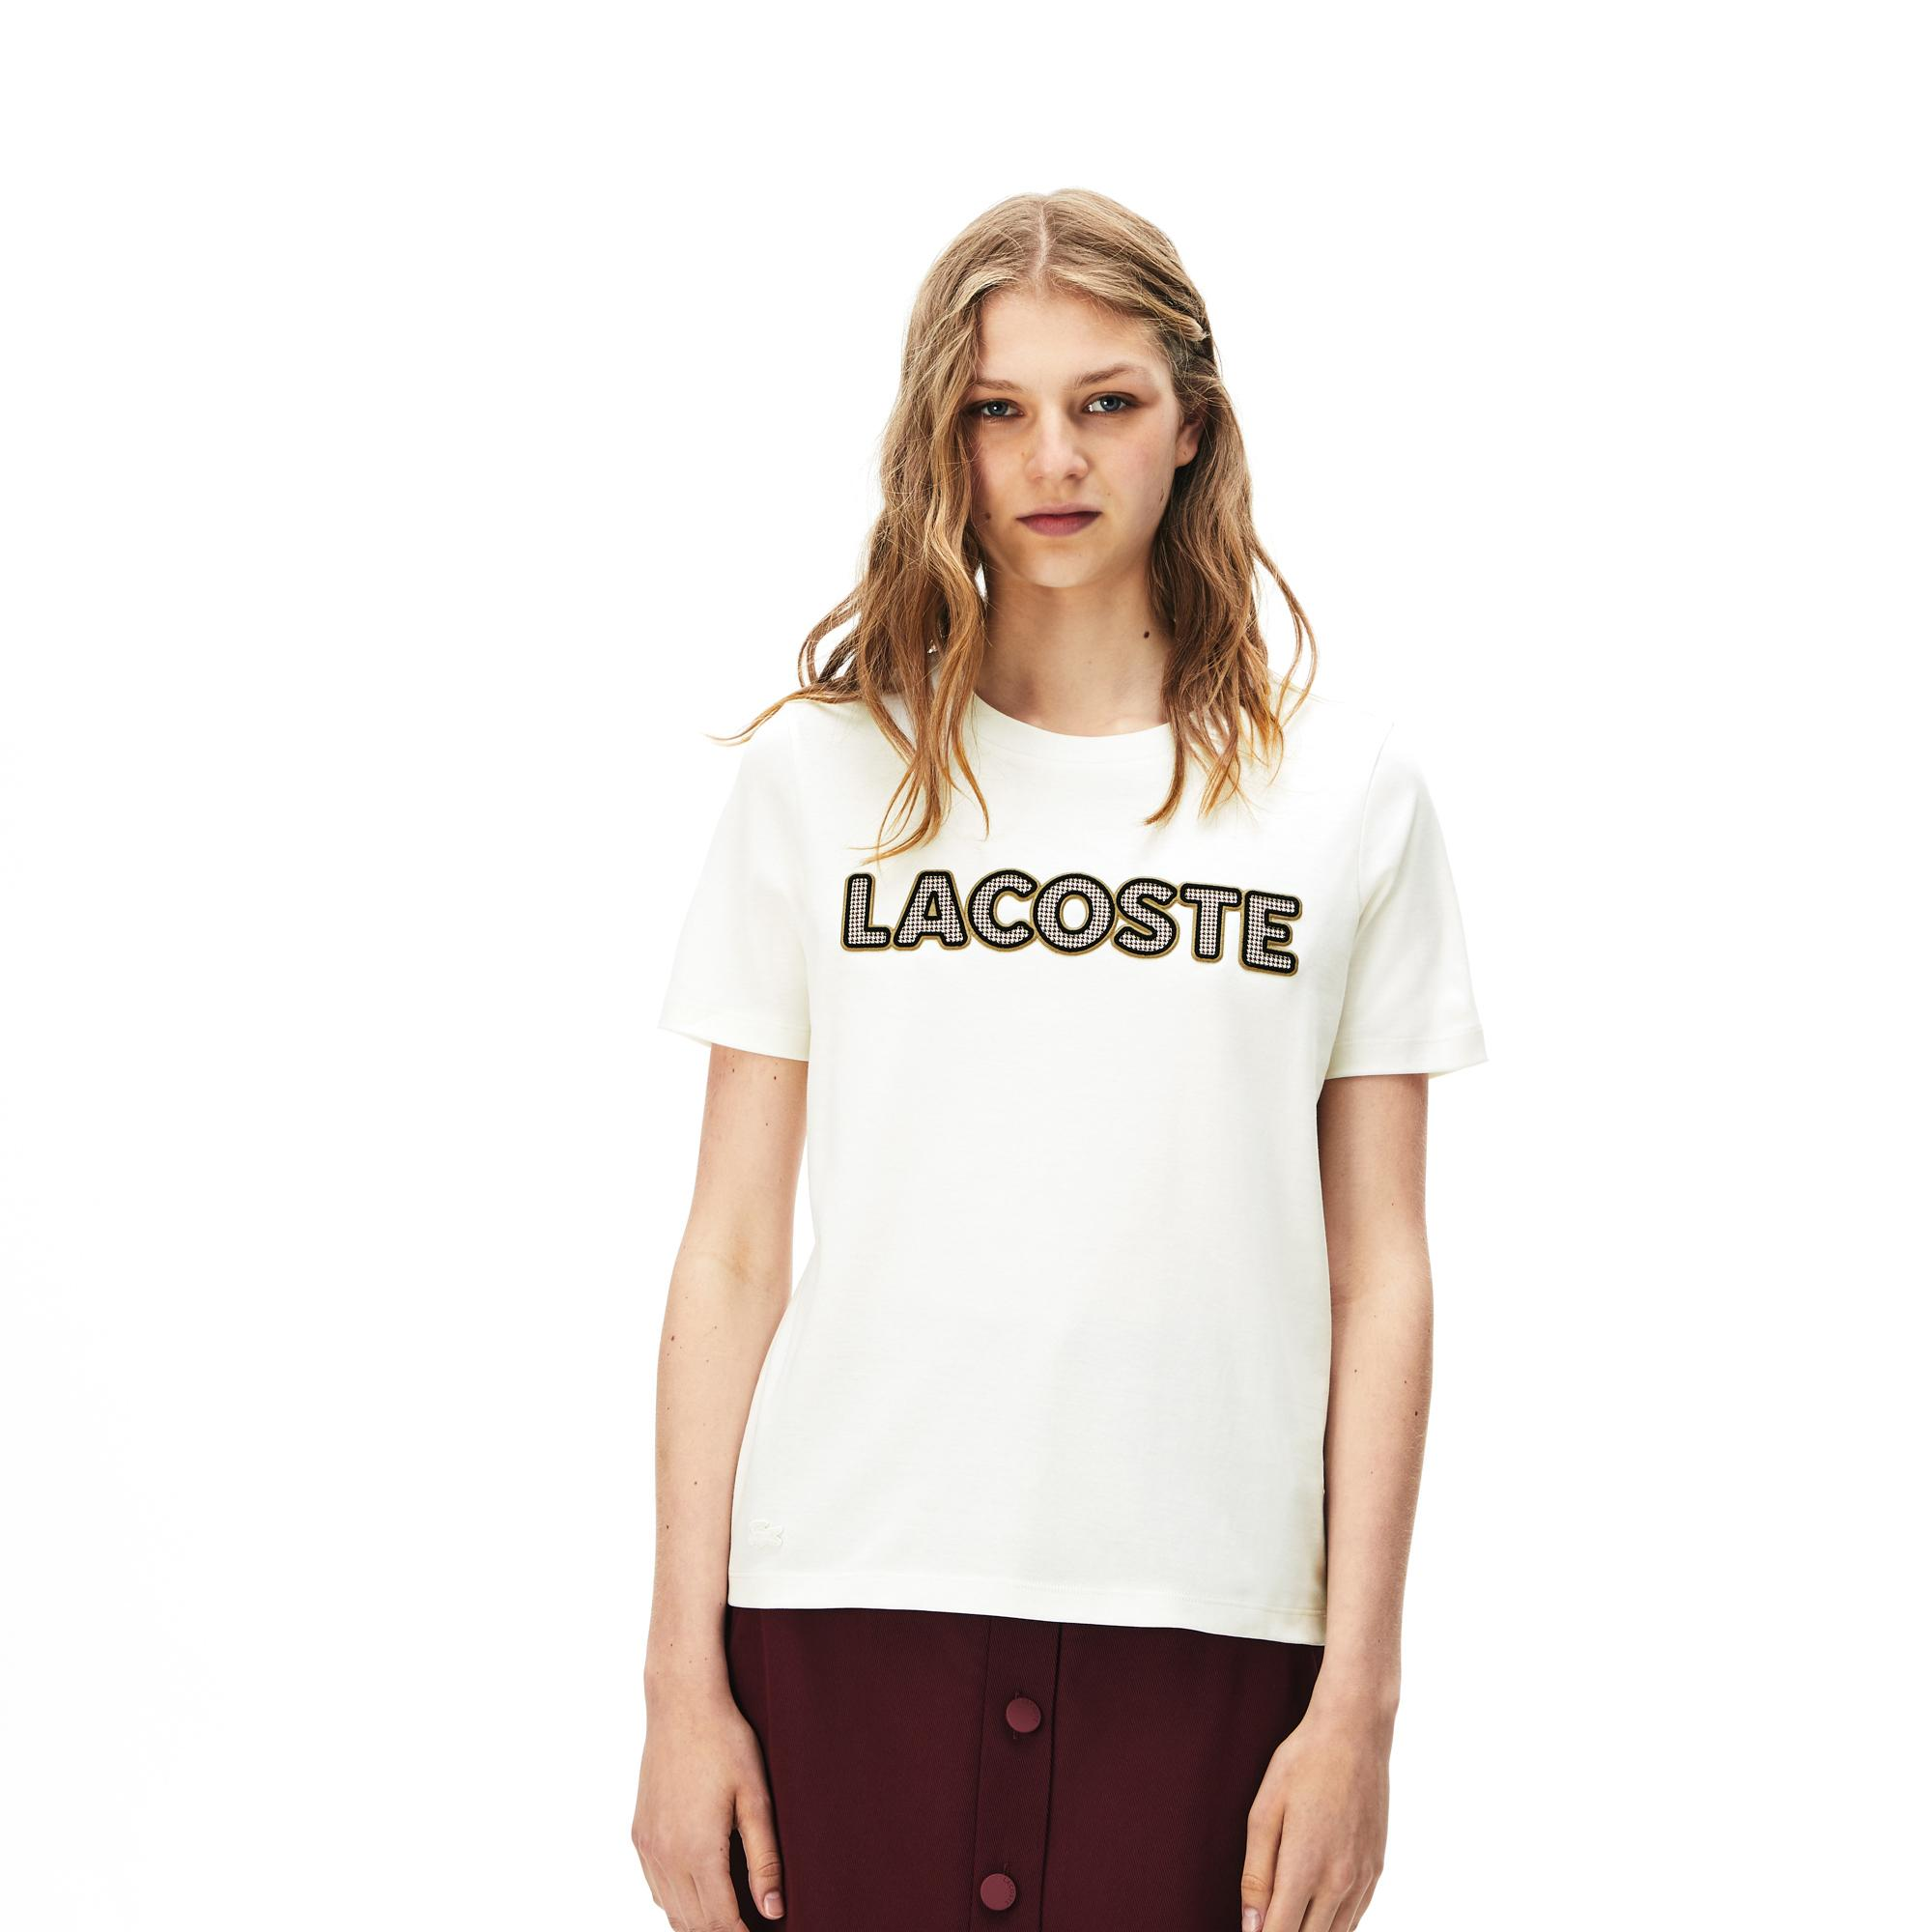 Lacoste Kadın Baskılı Beyaz T-Shirt